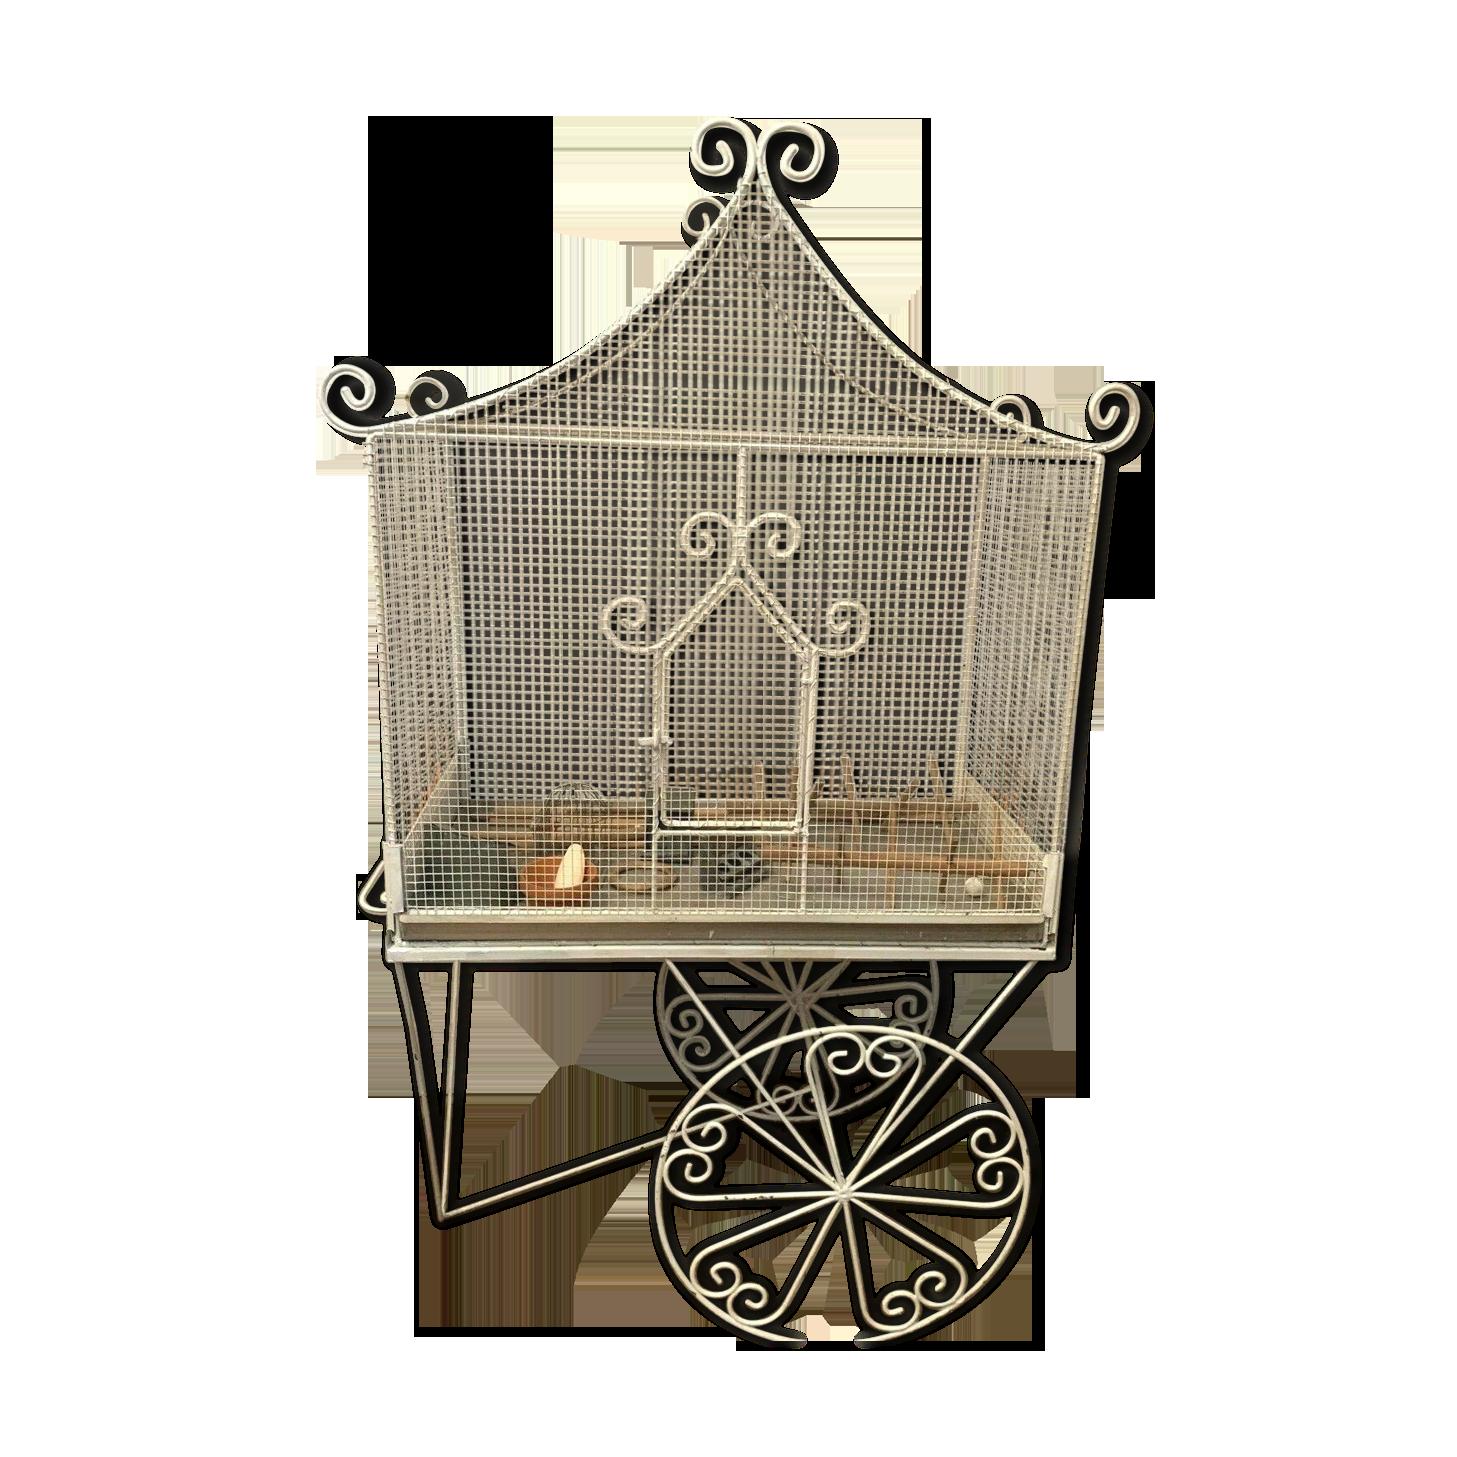 8 4cm Cages /à Oiseaux en Forme de m/étal CAOLATOR Petite Cage /à Oiseaux Int/érieur Ext/érieur ou Voli/ère D/écorative de Forme en Fer Patin/é 14